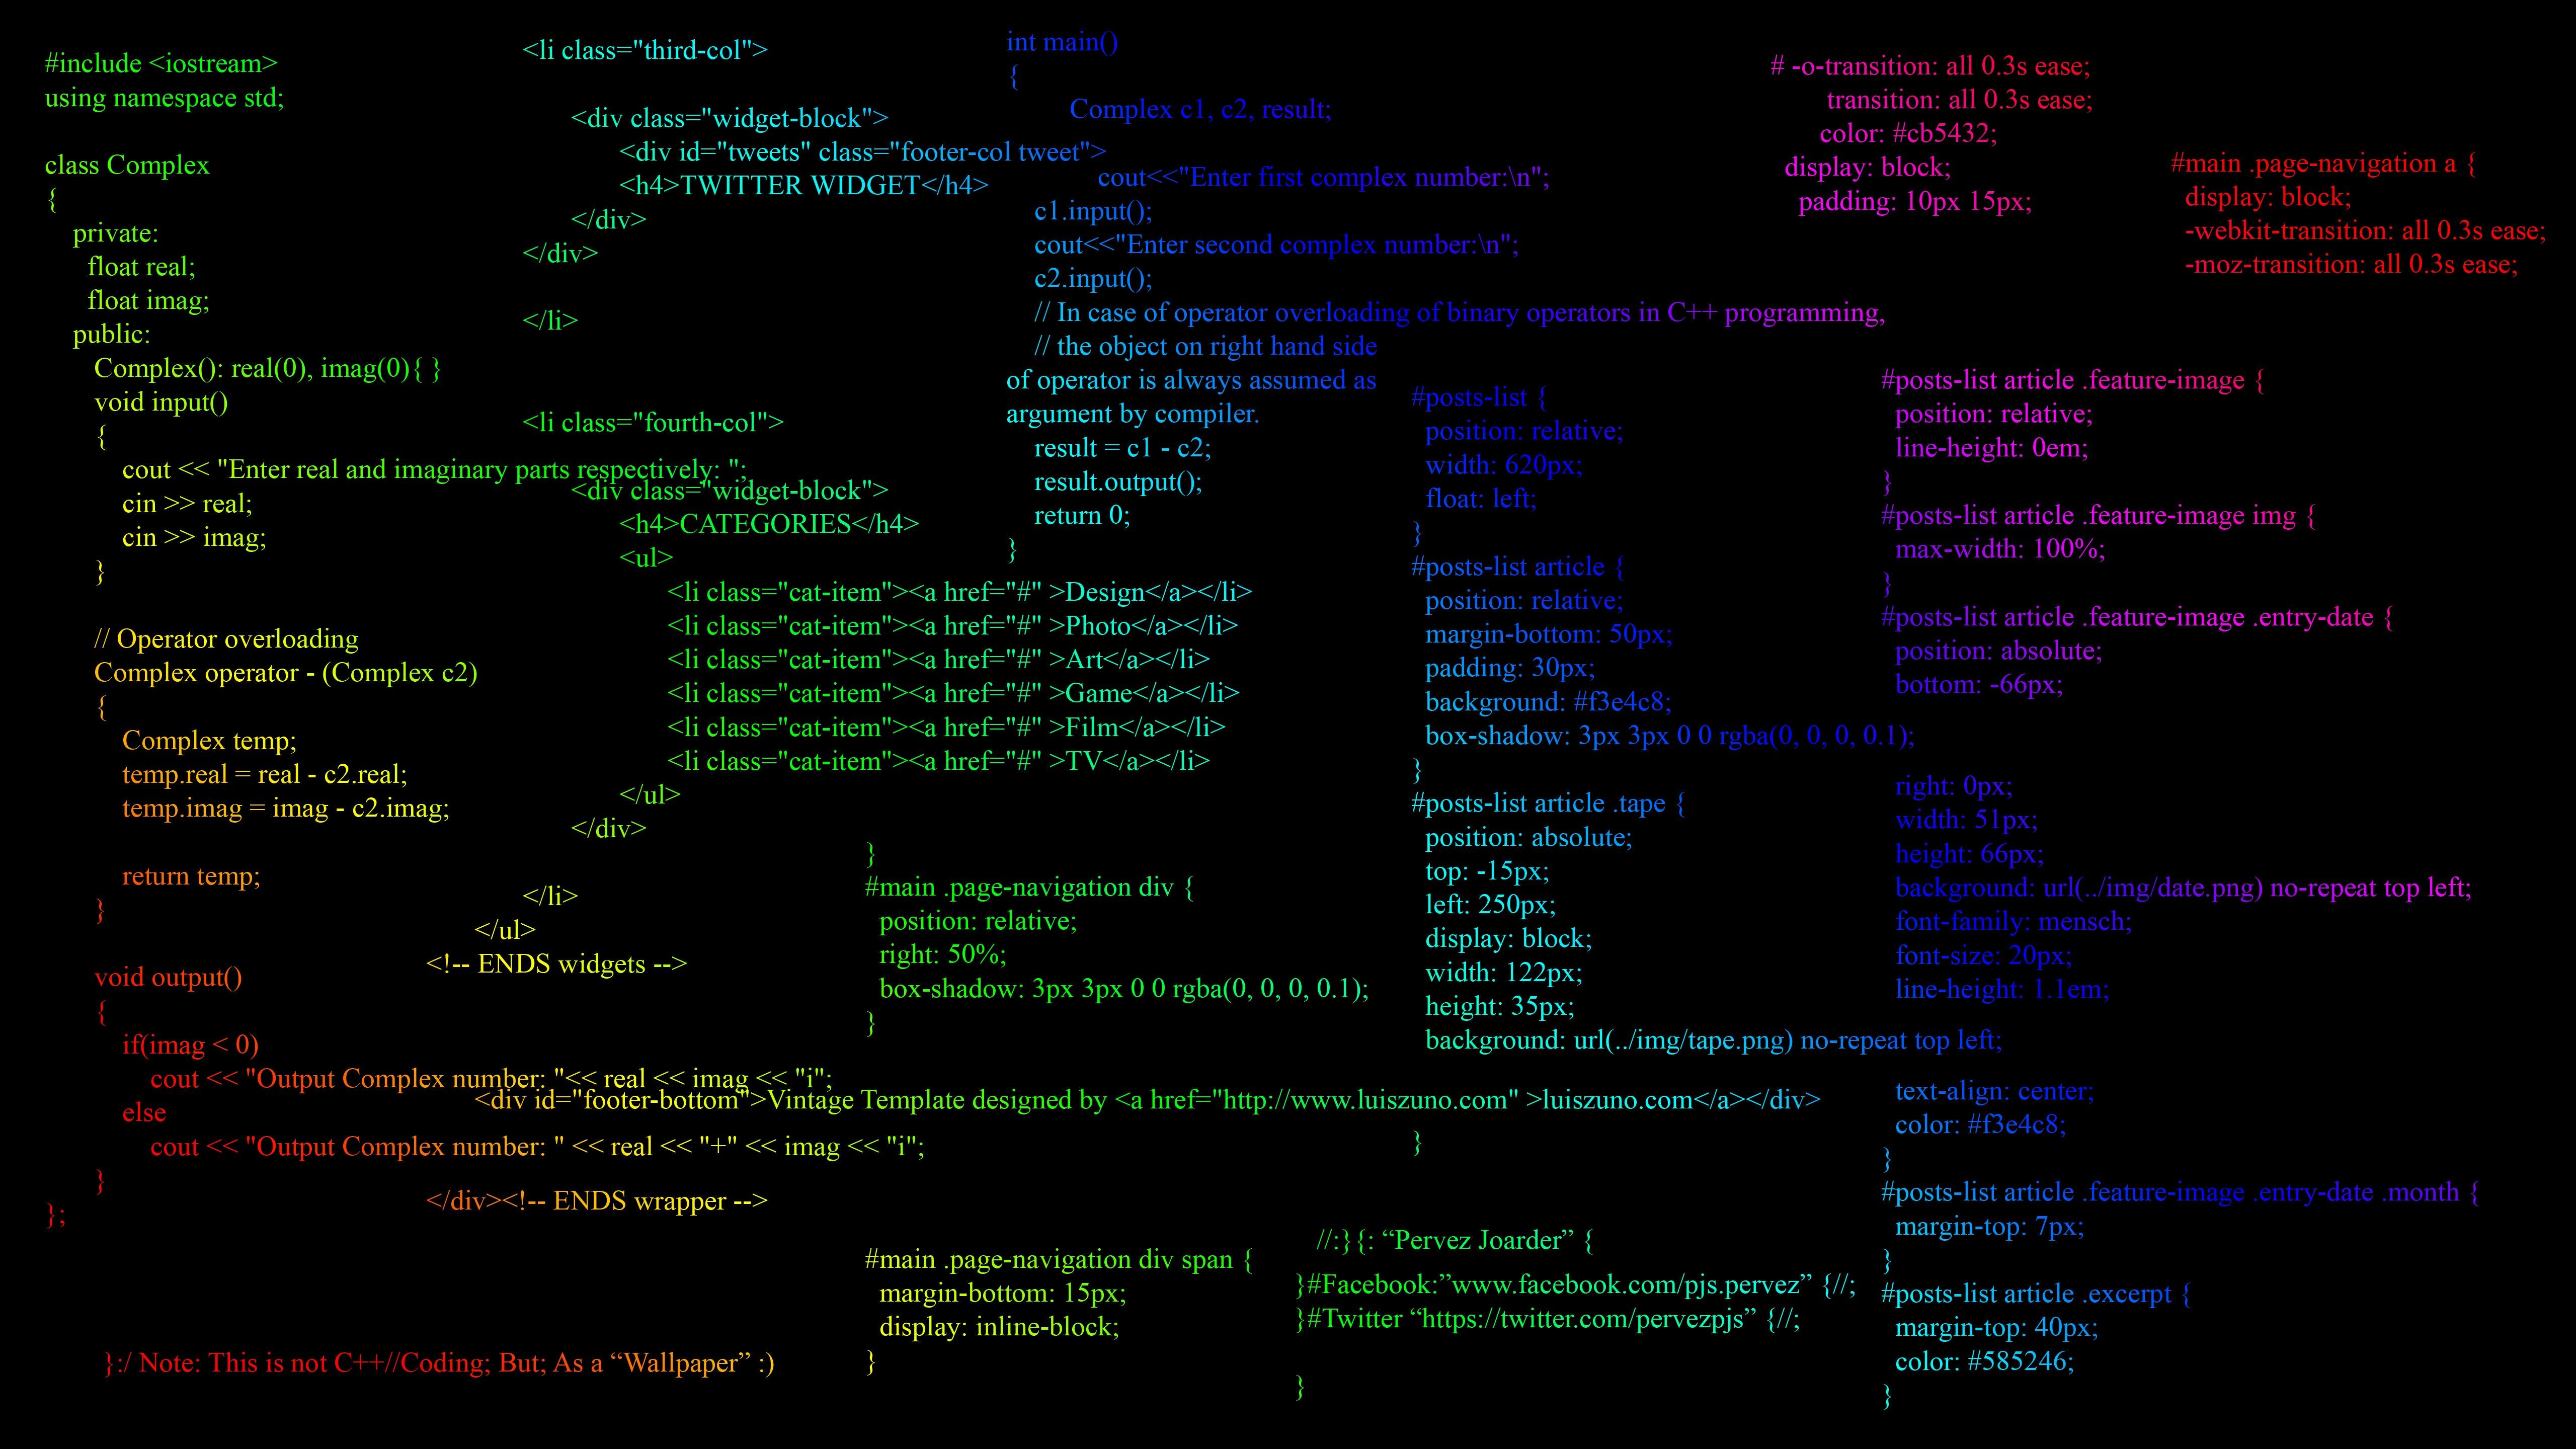 デスクトップ 壁紙 Google 検索 3d ロゴ 壁紙 デスクトップ